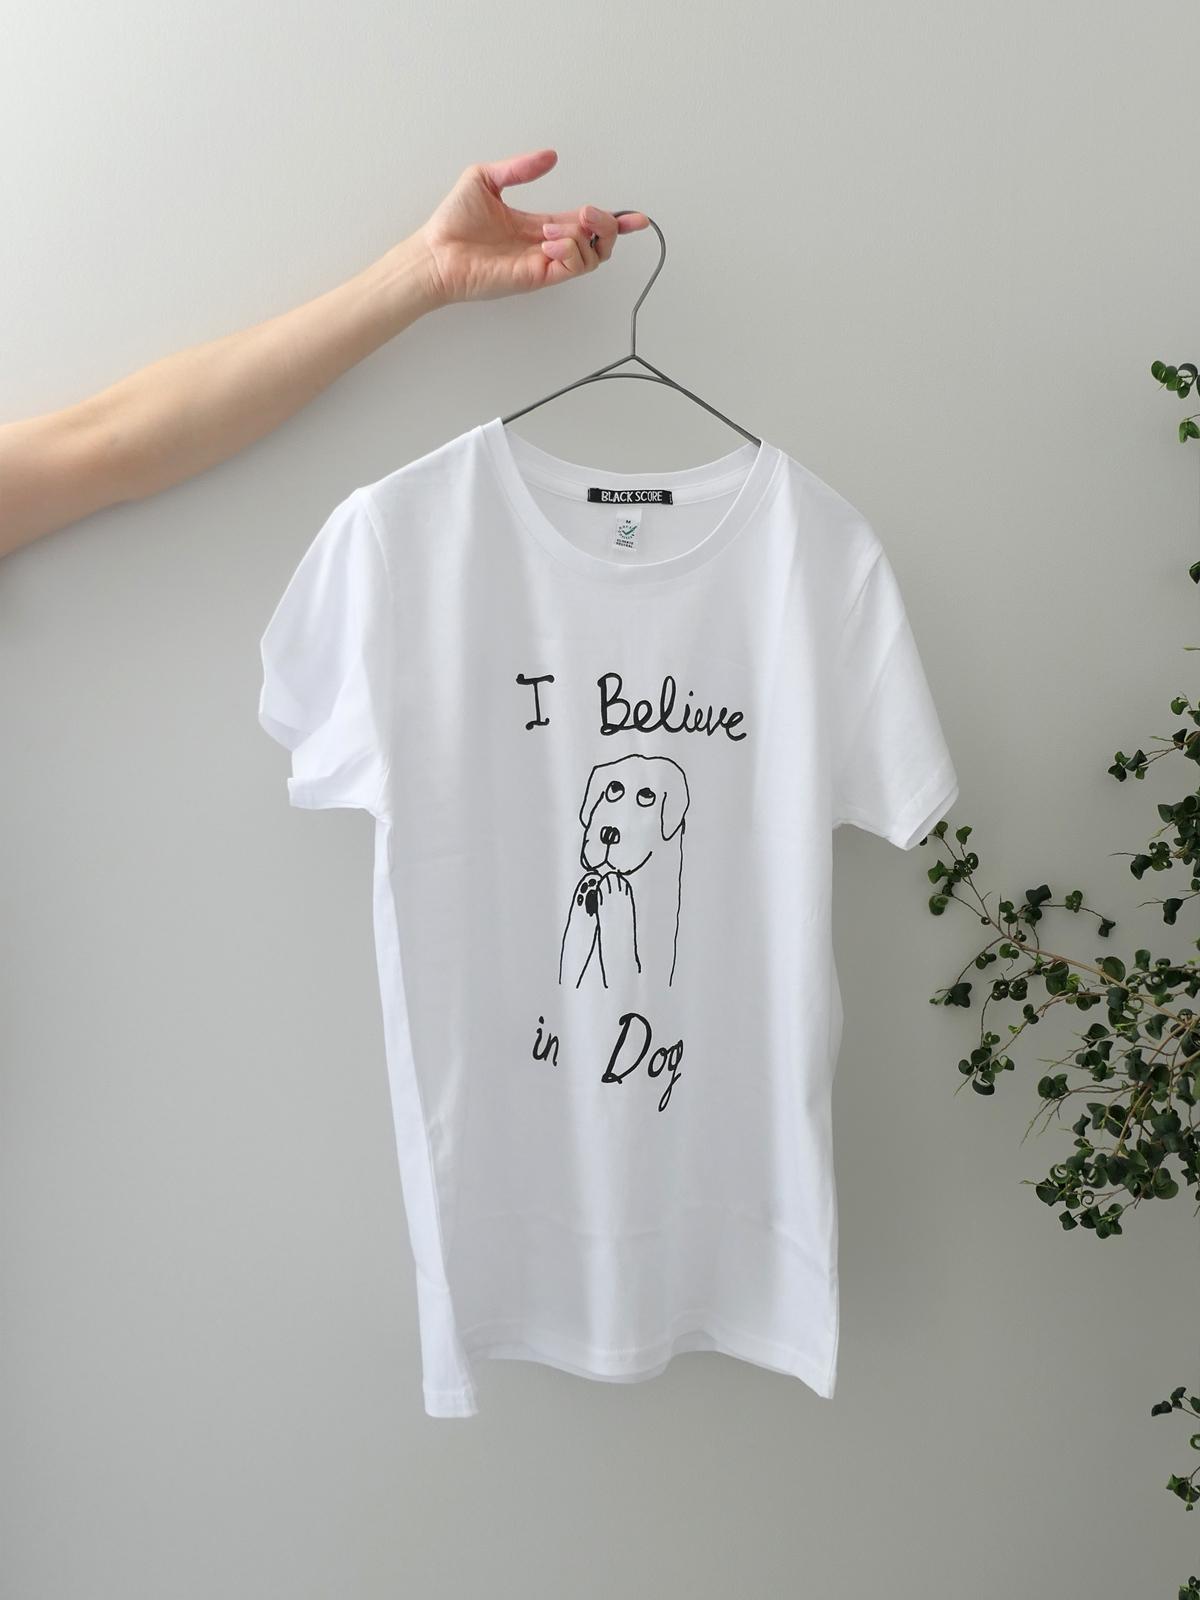 Black Score の Tシャツが入荷いたしました!_c0176078_16514416.jpg